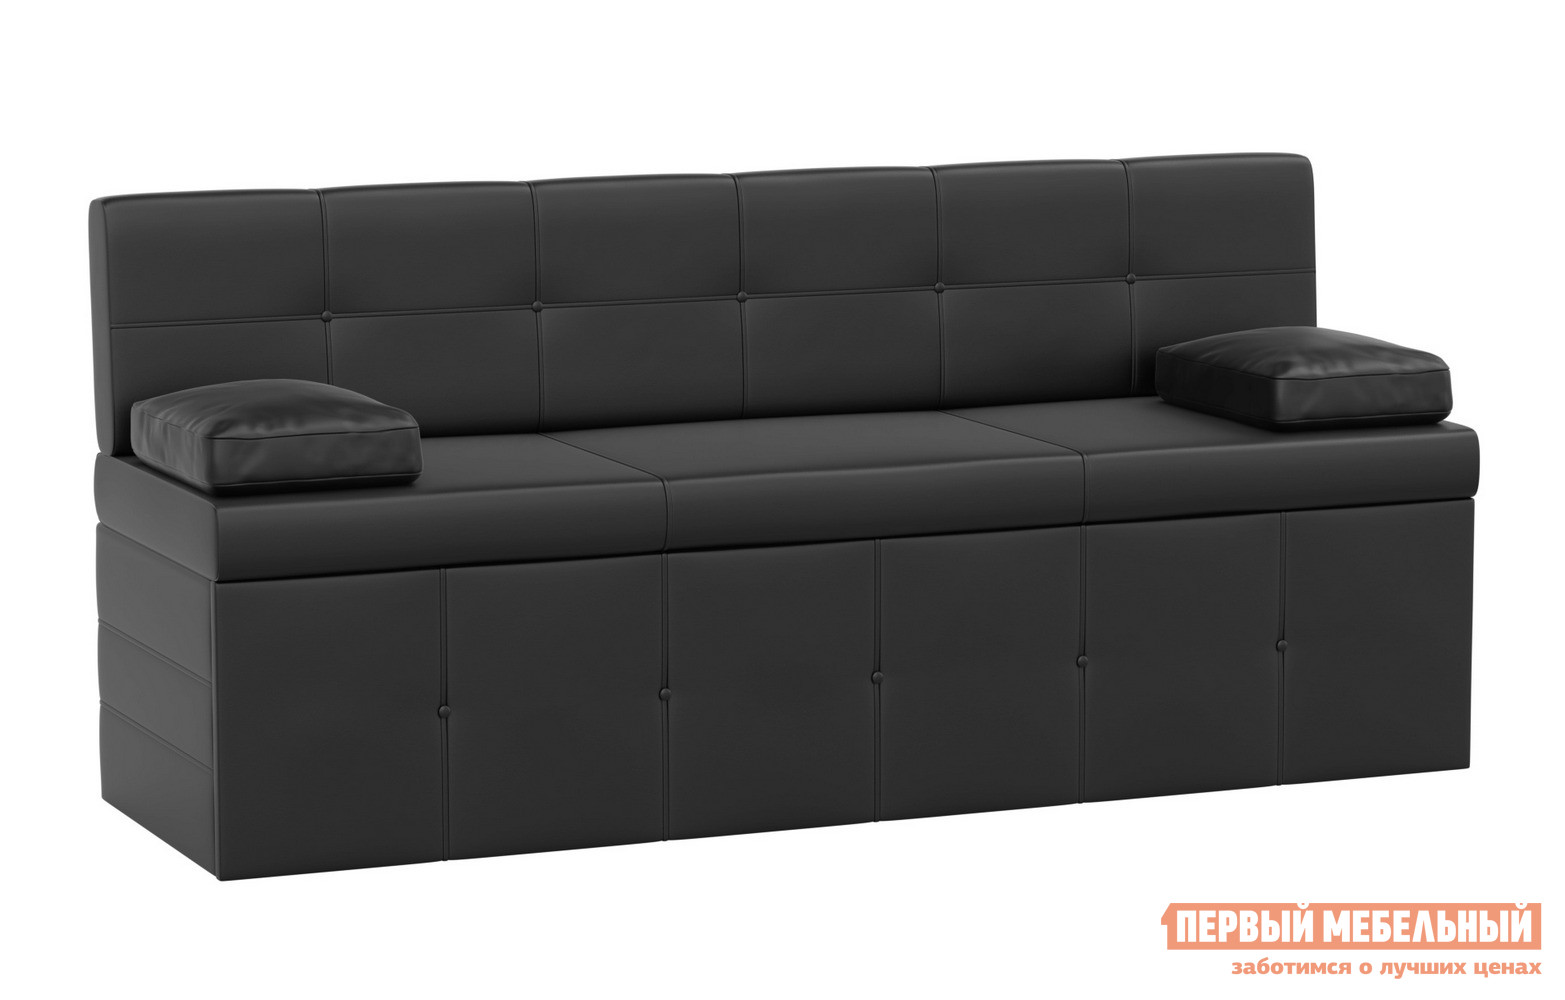 Фото Кухонный диван Мебелико Кухонный диван Лео Экокожа черная. Купить с доставкой